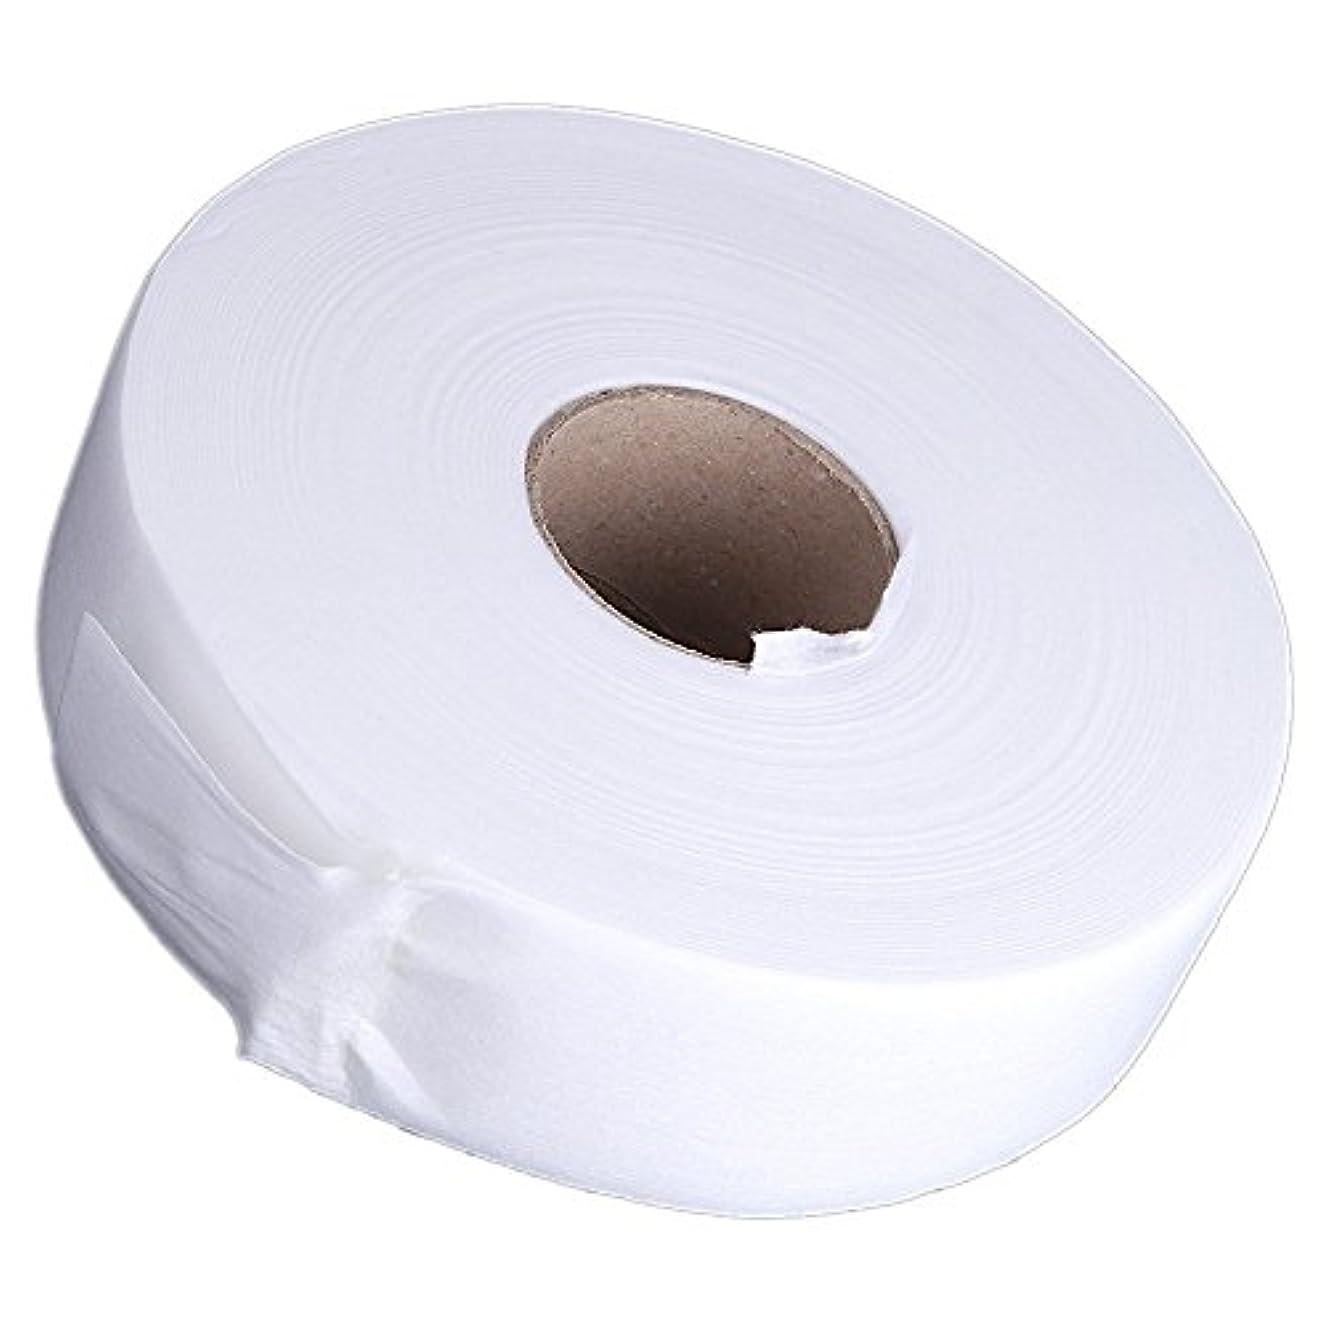 開拓者残高後方にGaoominy 100ヤードの脱毛紙脱毛ワックスストリップ 不織布ペーパーワックスロール(白)